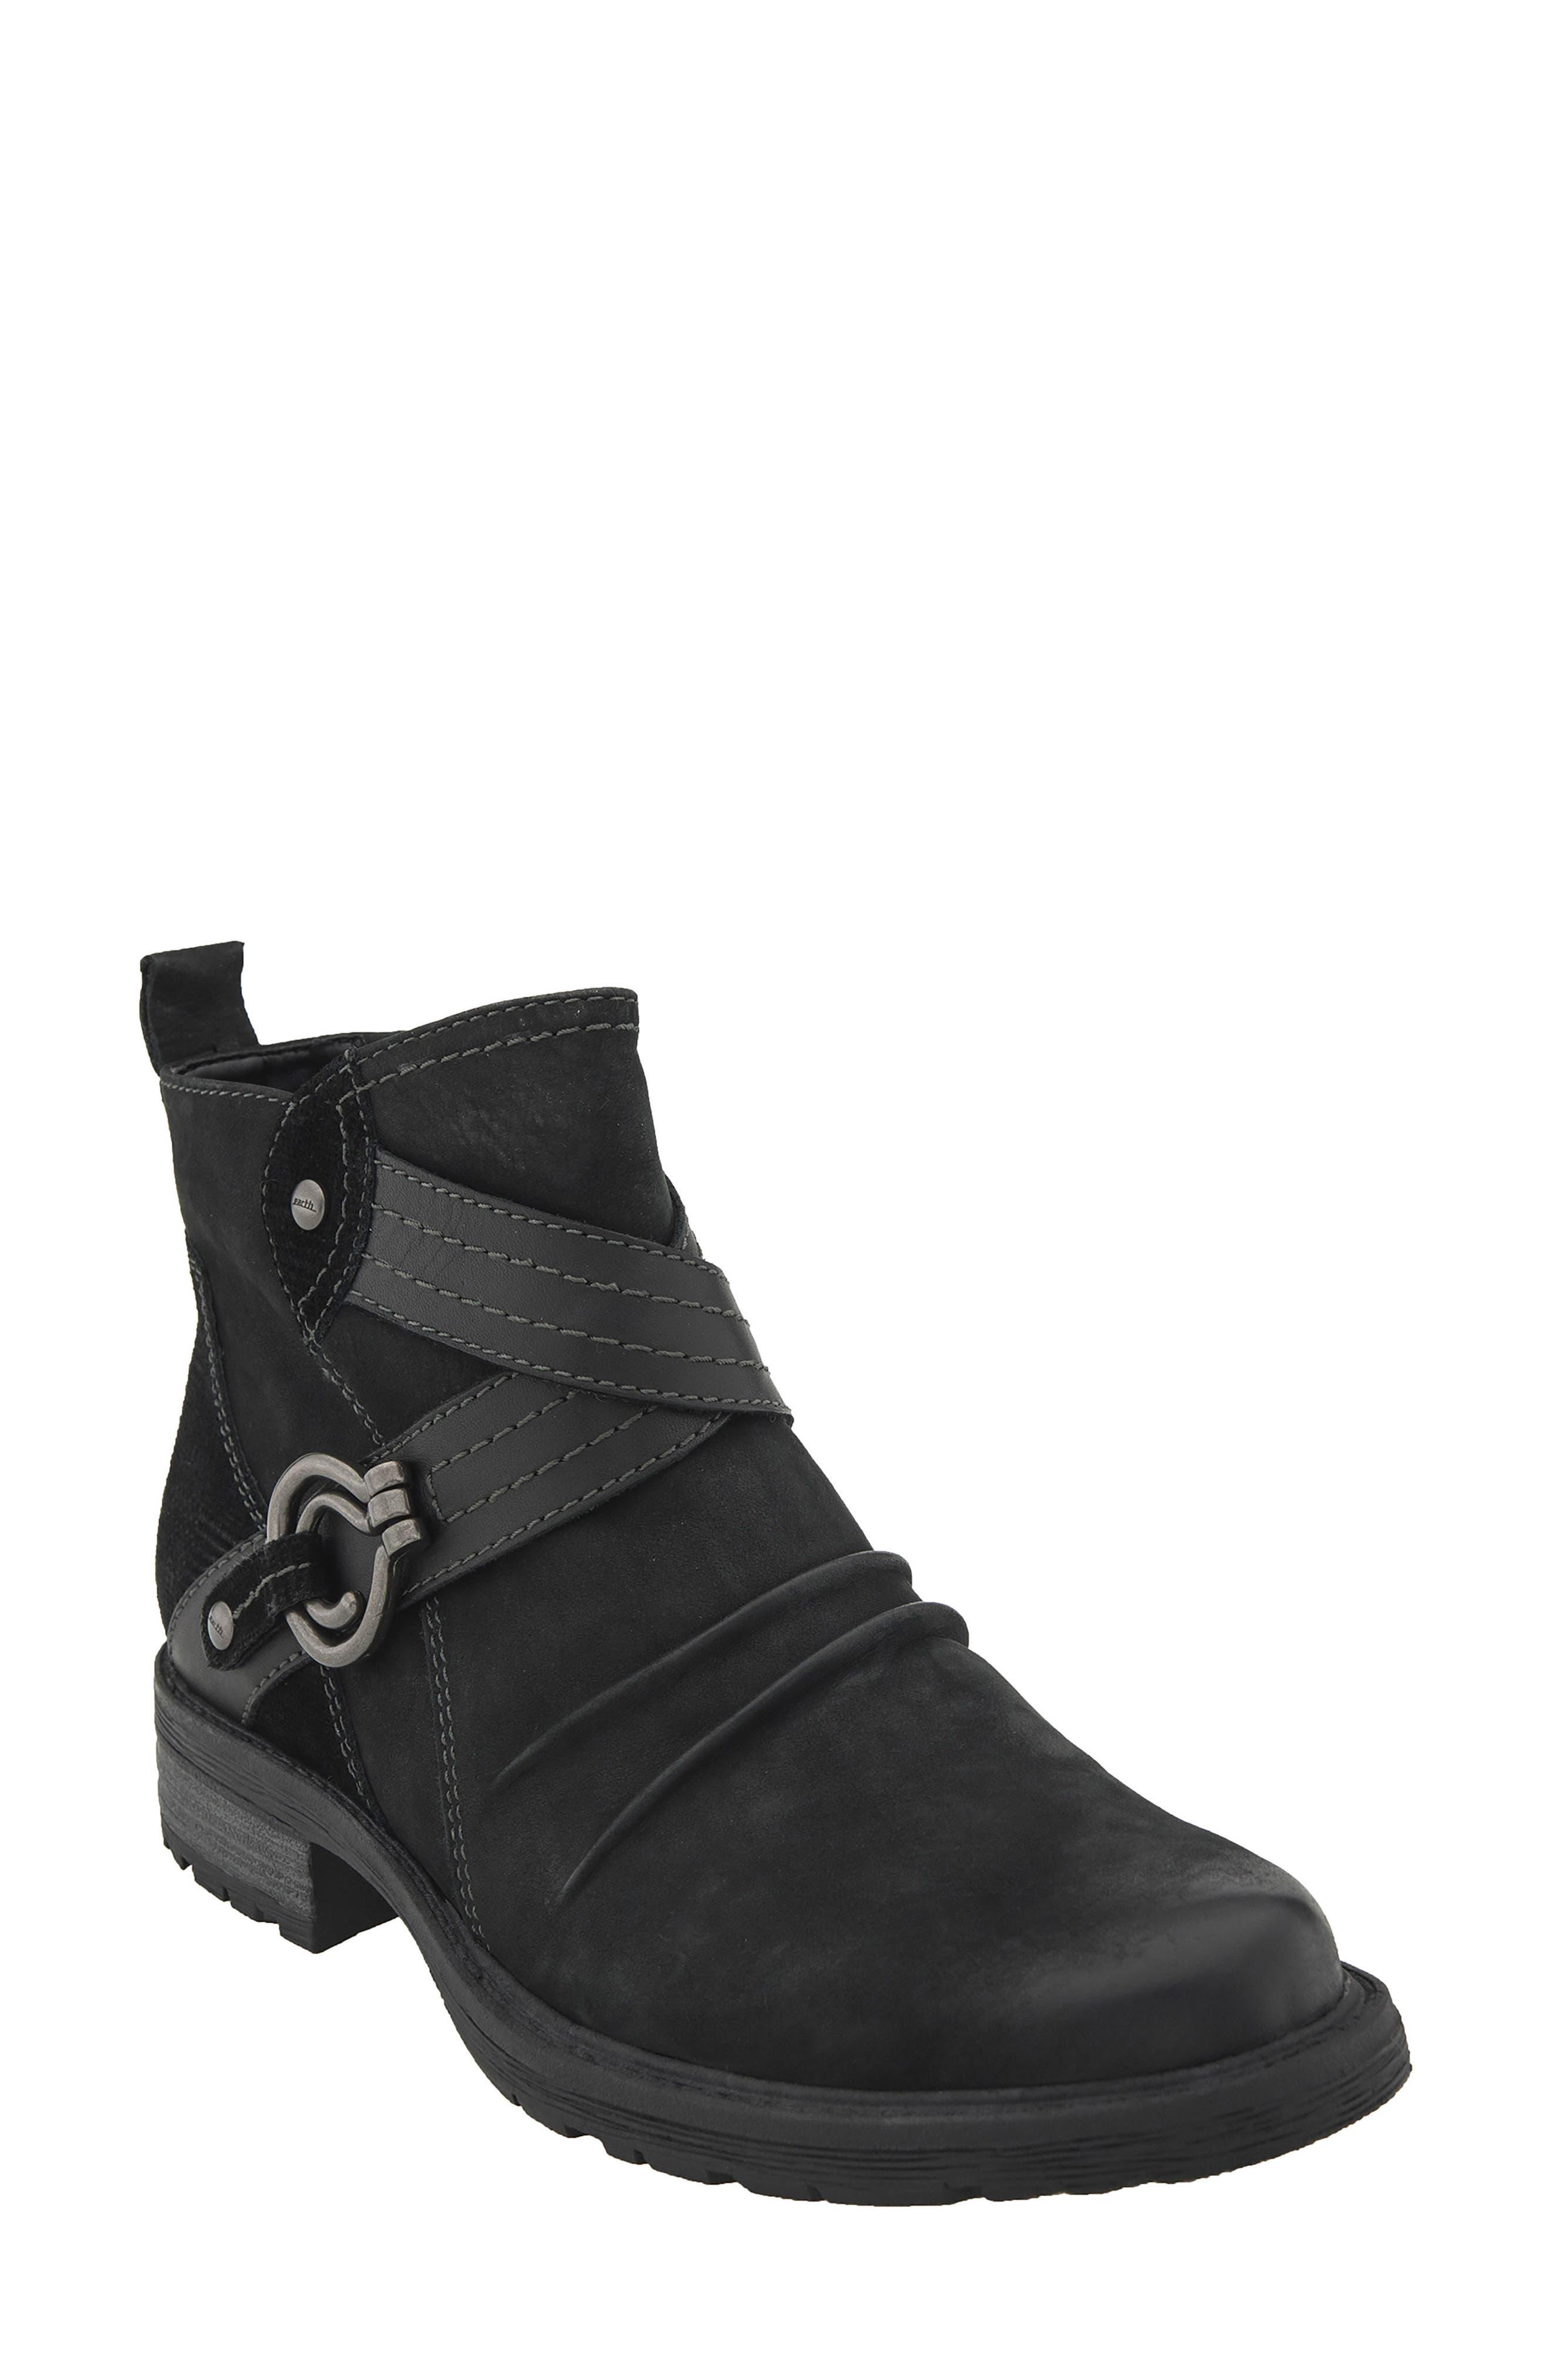 Main Image - Earth® Laurel Boot (Women)